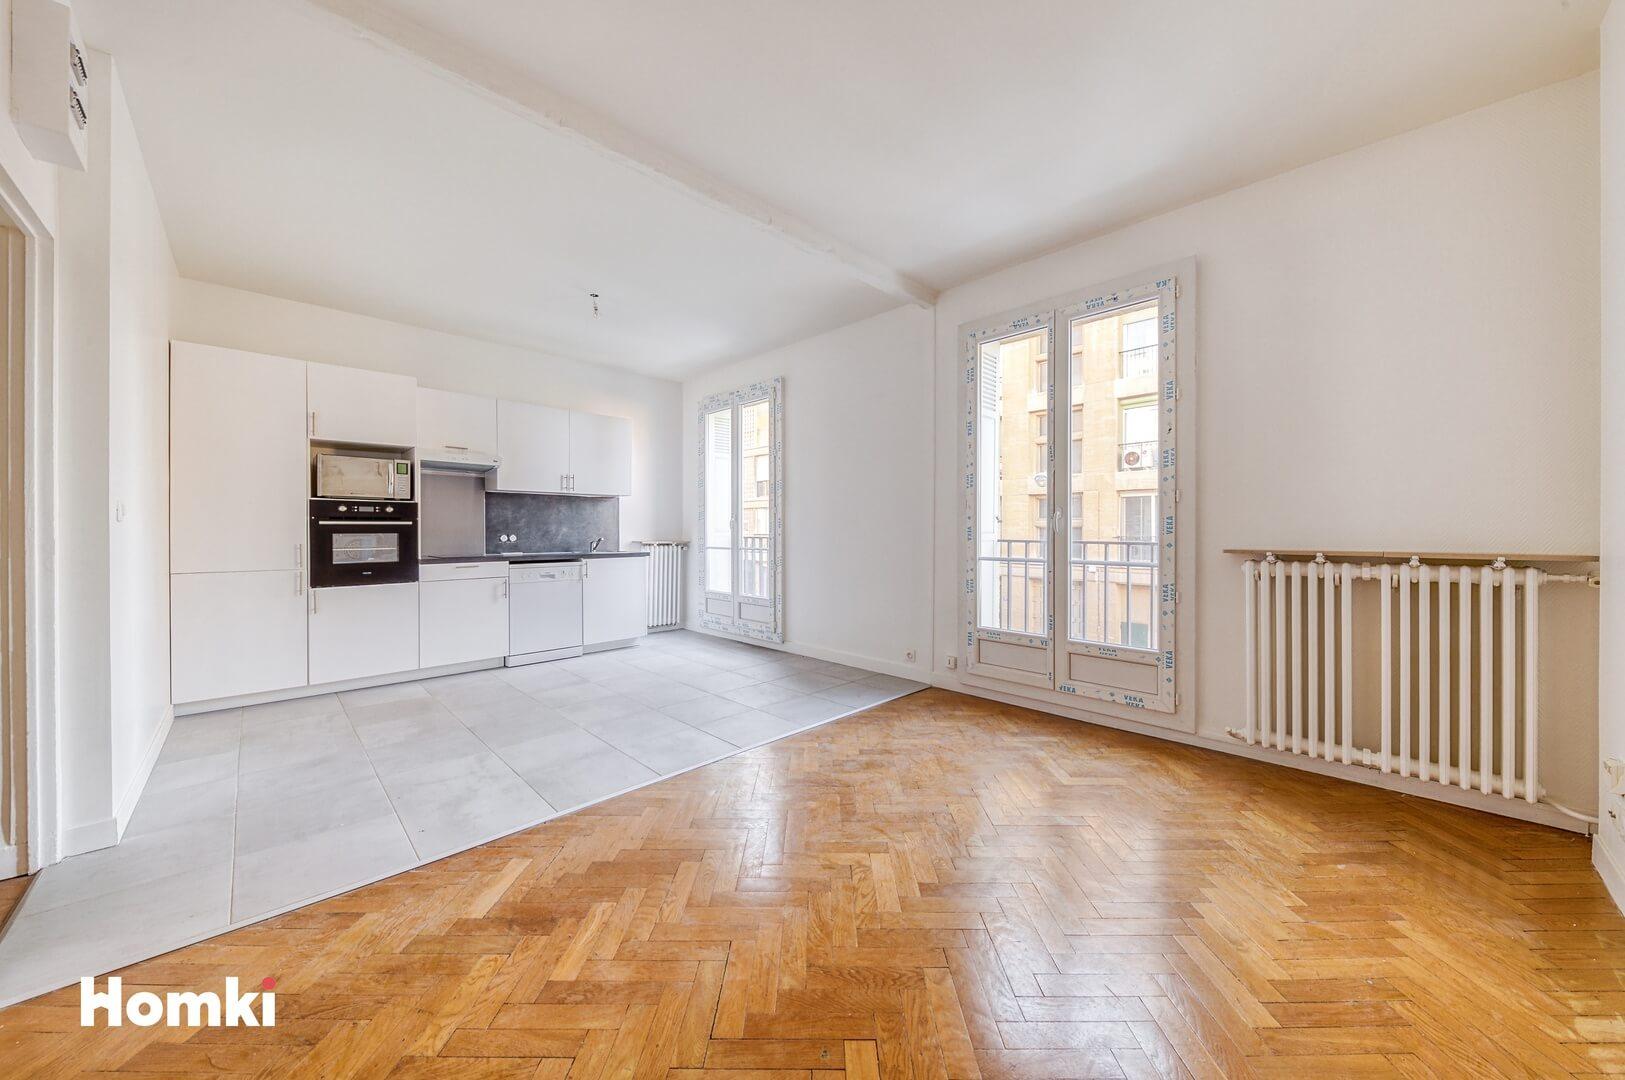 Homki - Vente Appartement  de 67.0 m² à Marseille 13002